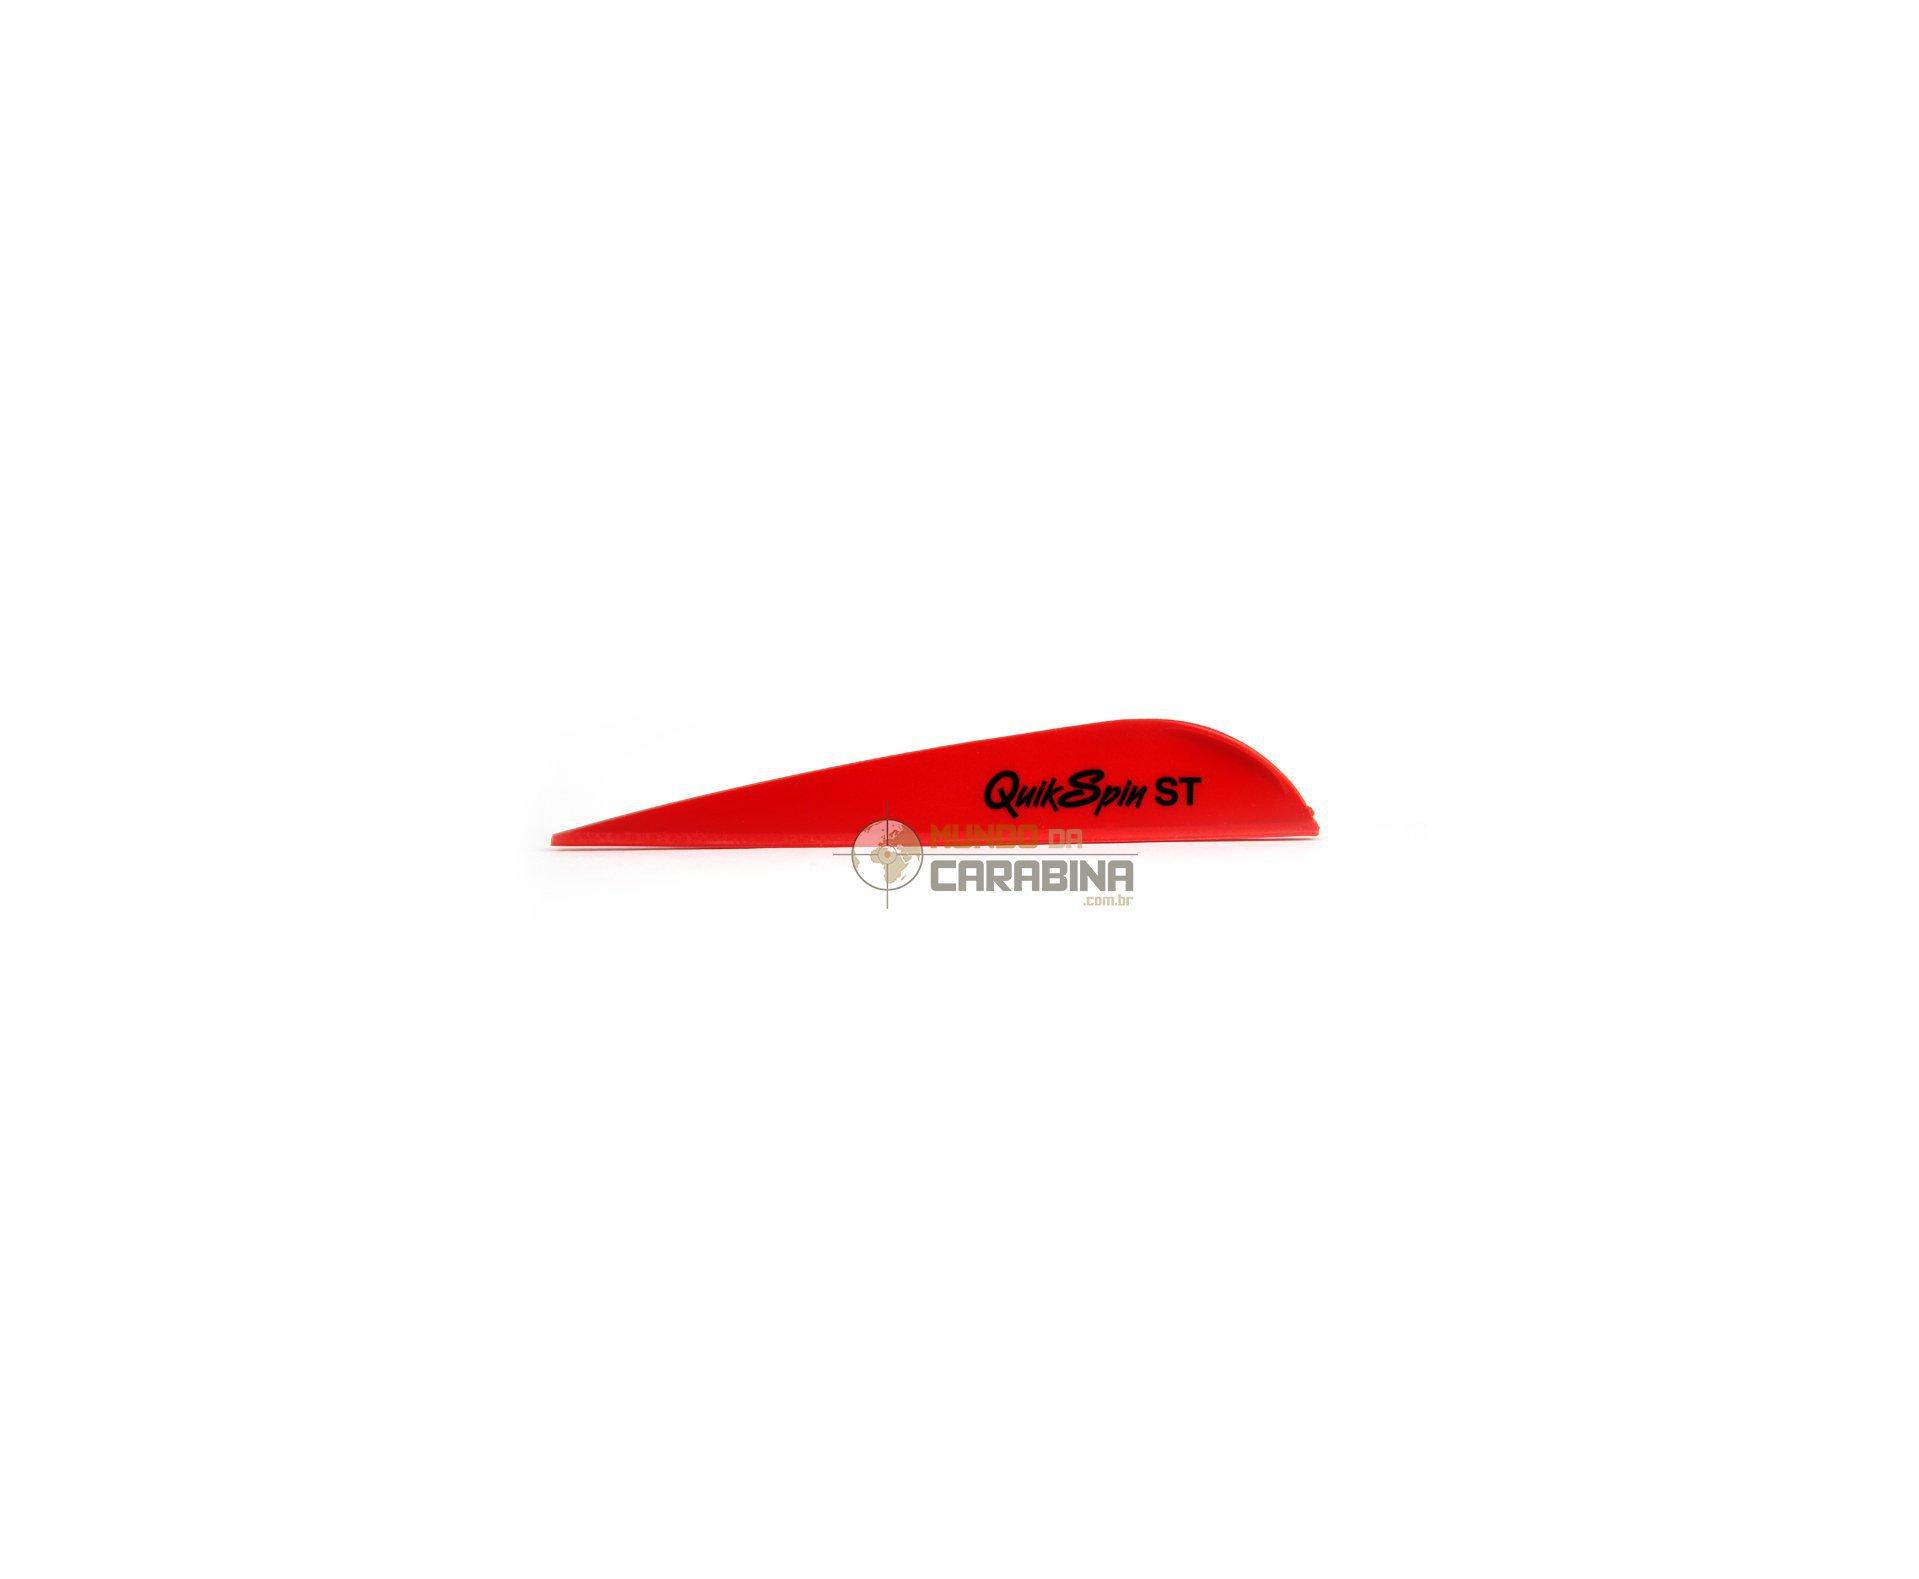 Pena Em Nylon Nap Quik Spin 3.13 Vermelho - Pacote Com 36 Unidades